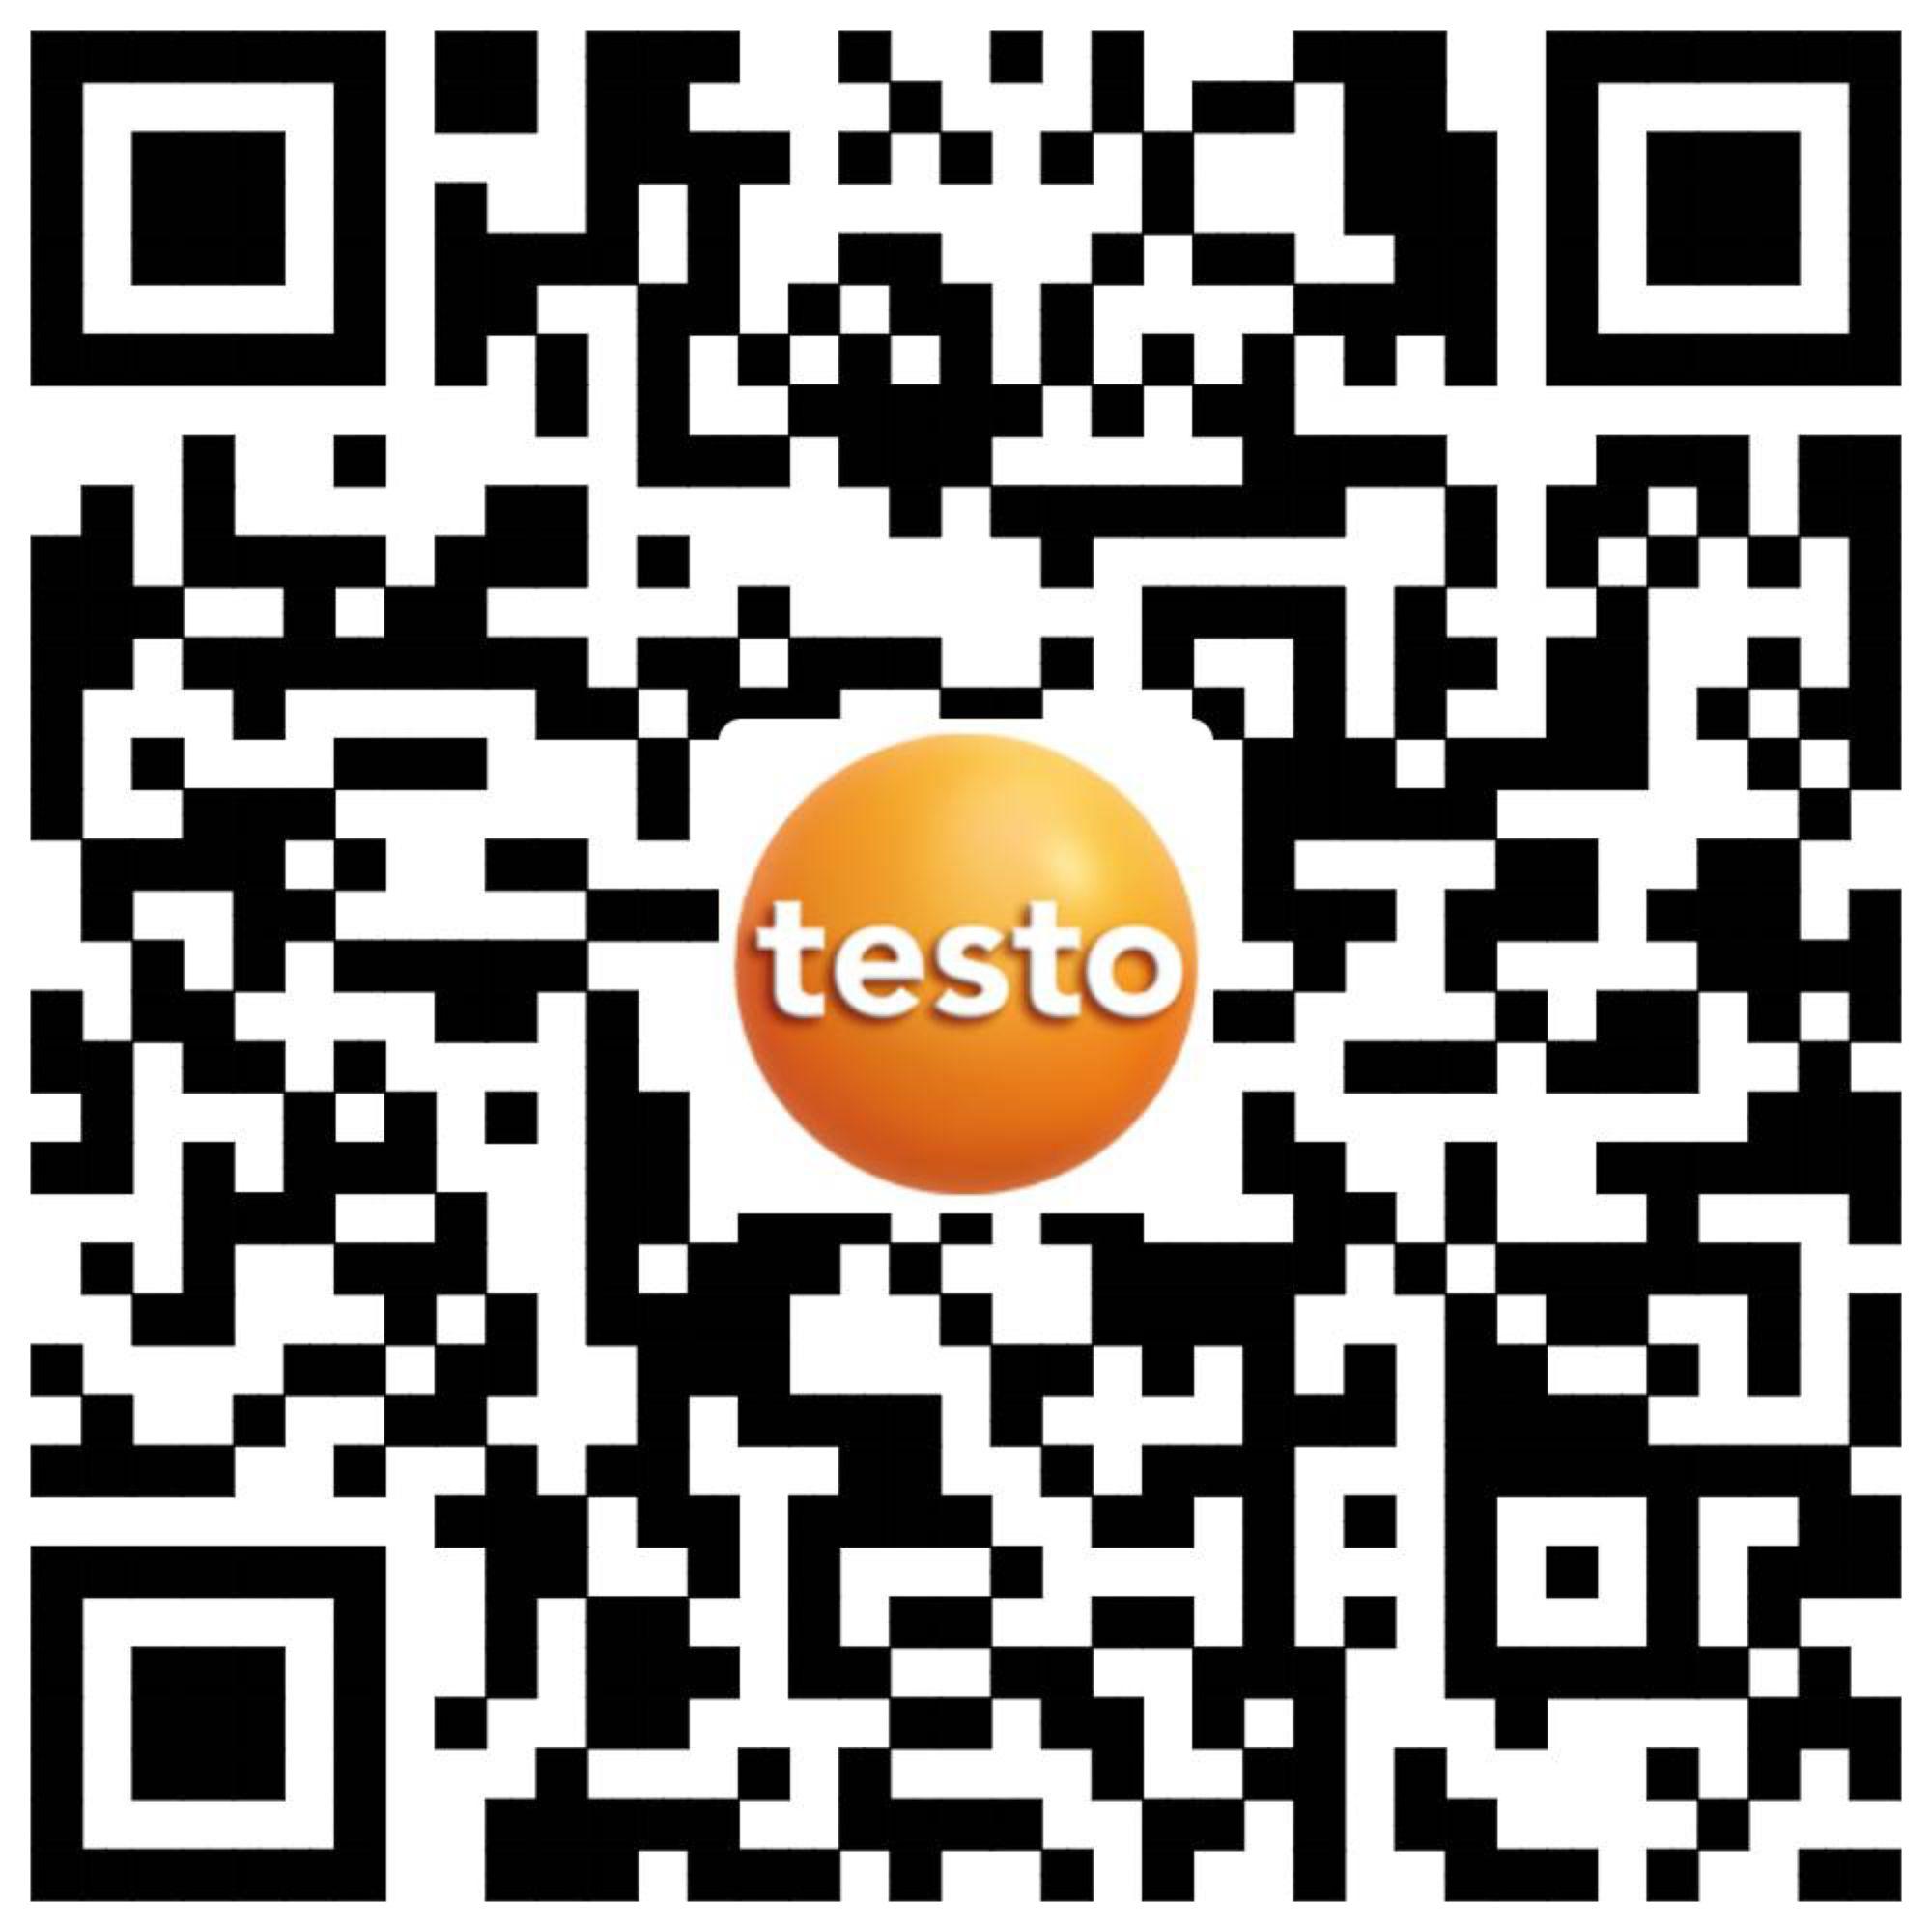 testo德图仪器微信公众号